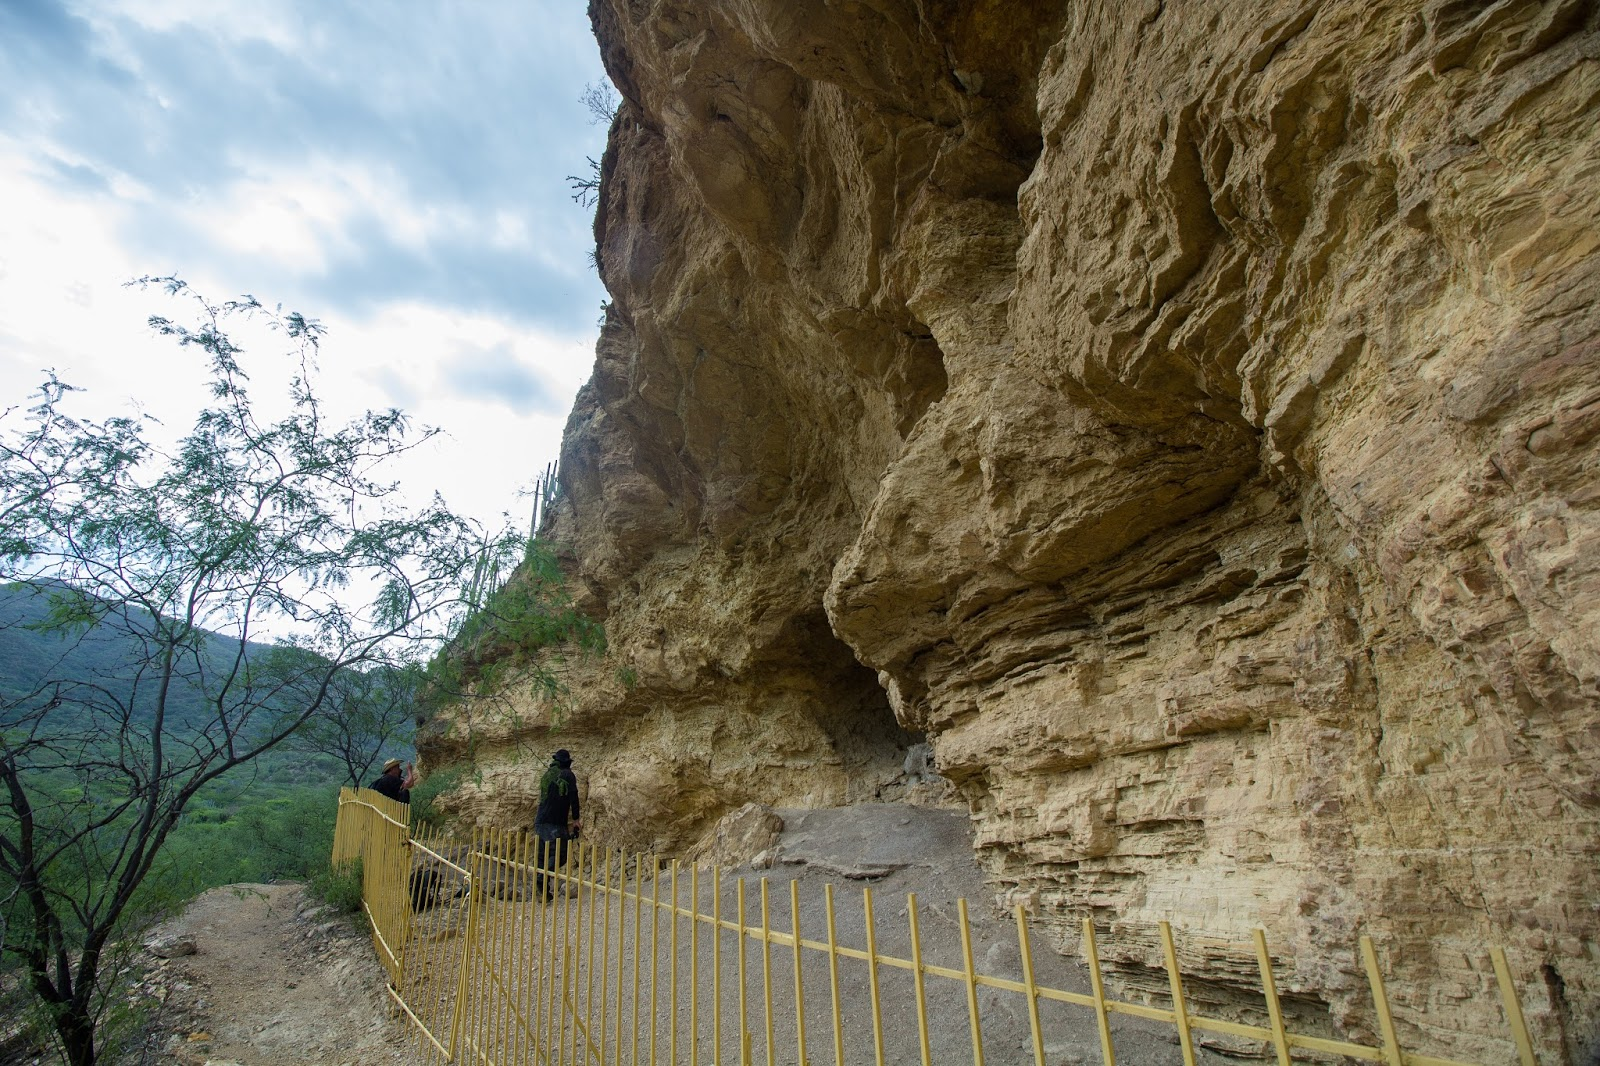 En Coxcatlán cuna del maíz, se encontraron los testimonios más antiguos de la domesticación del maíz.